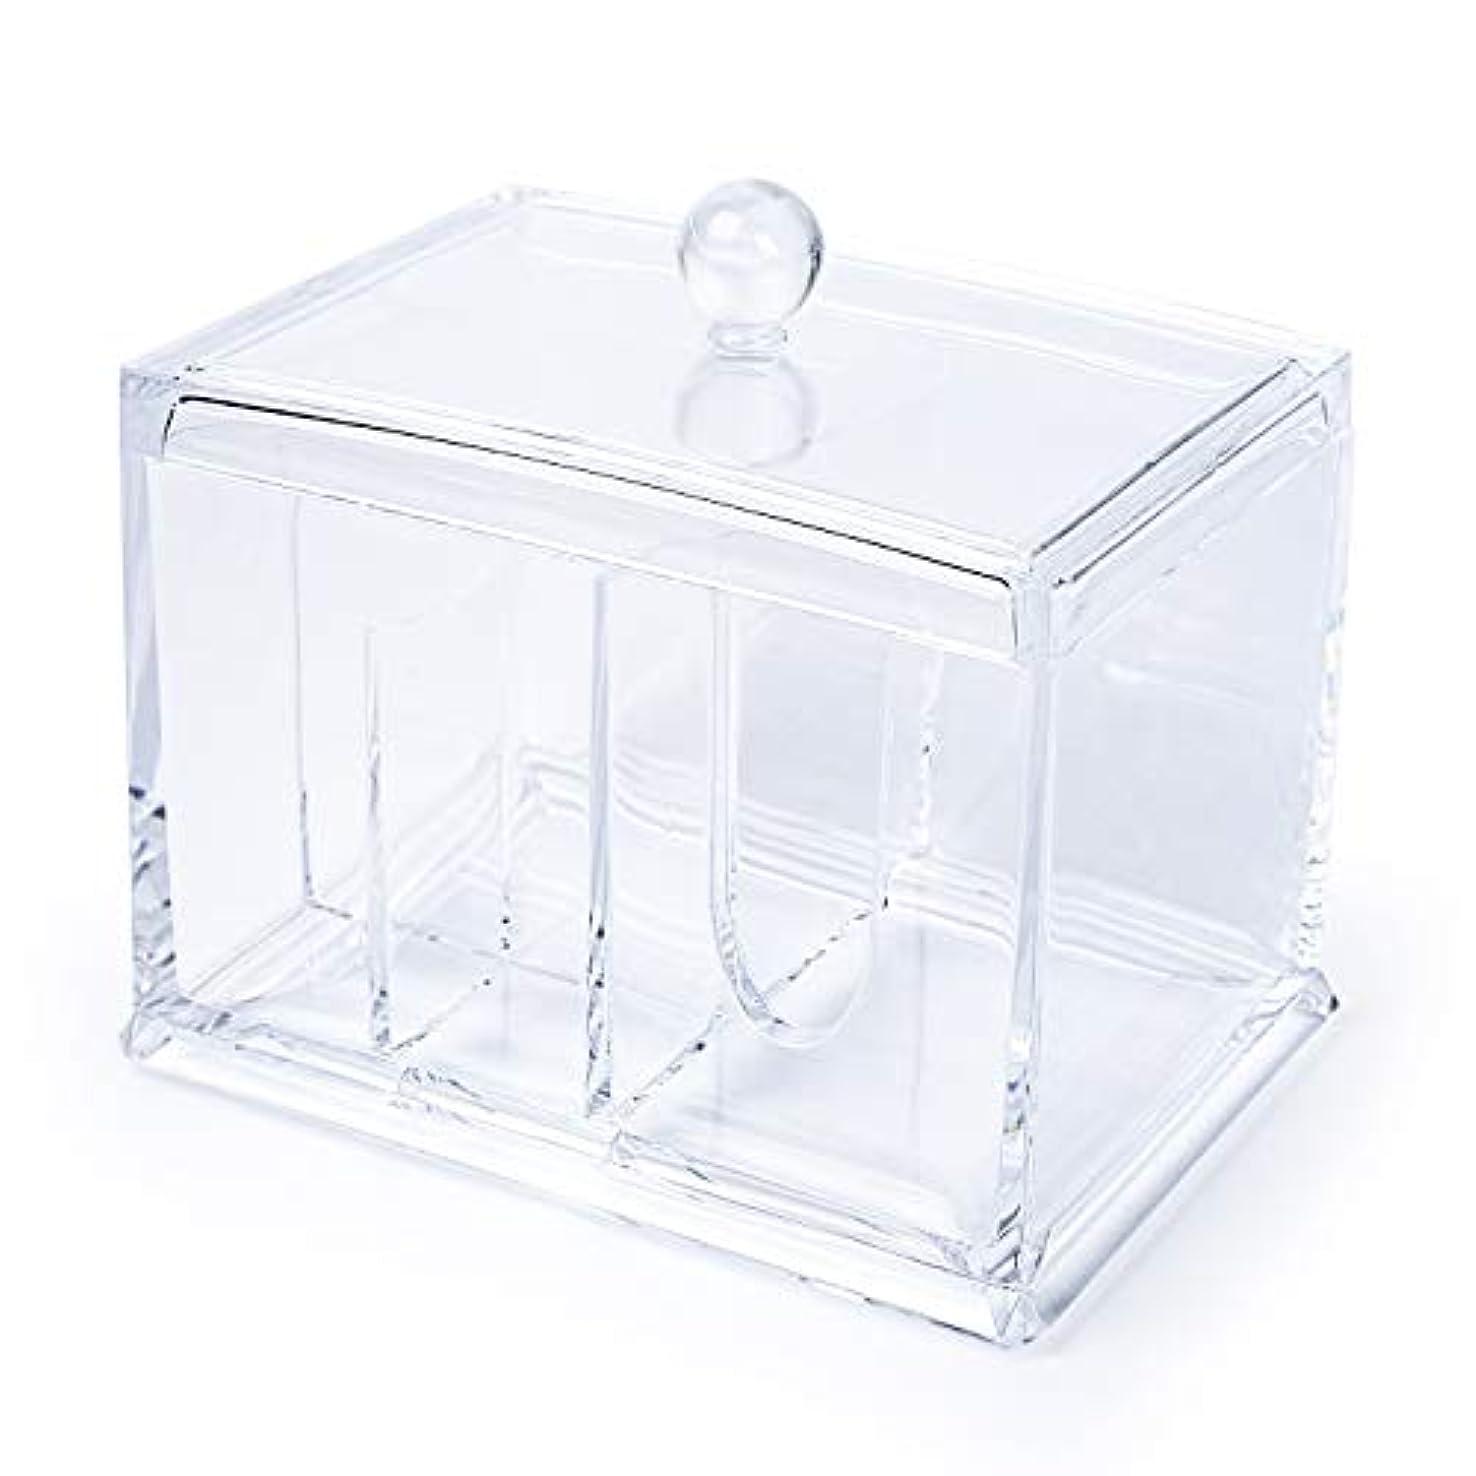 私たち充電東ティモールELOKI 収納ボックス アクリルケース 収納ボックス 綿棒 小物?コスメ小物用品収納 ジュエリーボックス アクセサリー 透明 防塵?蓋付き アクリル製